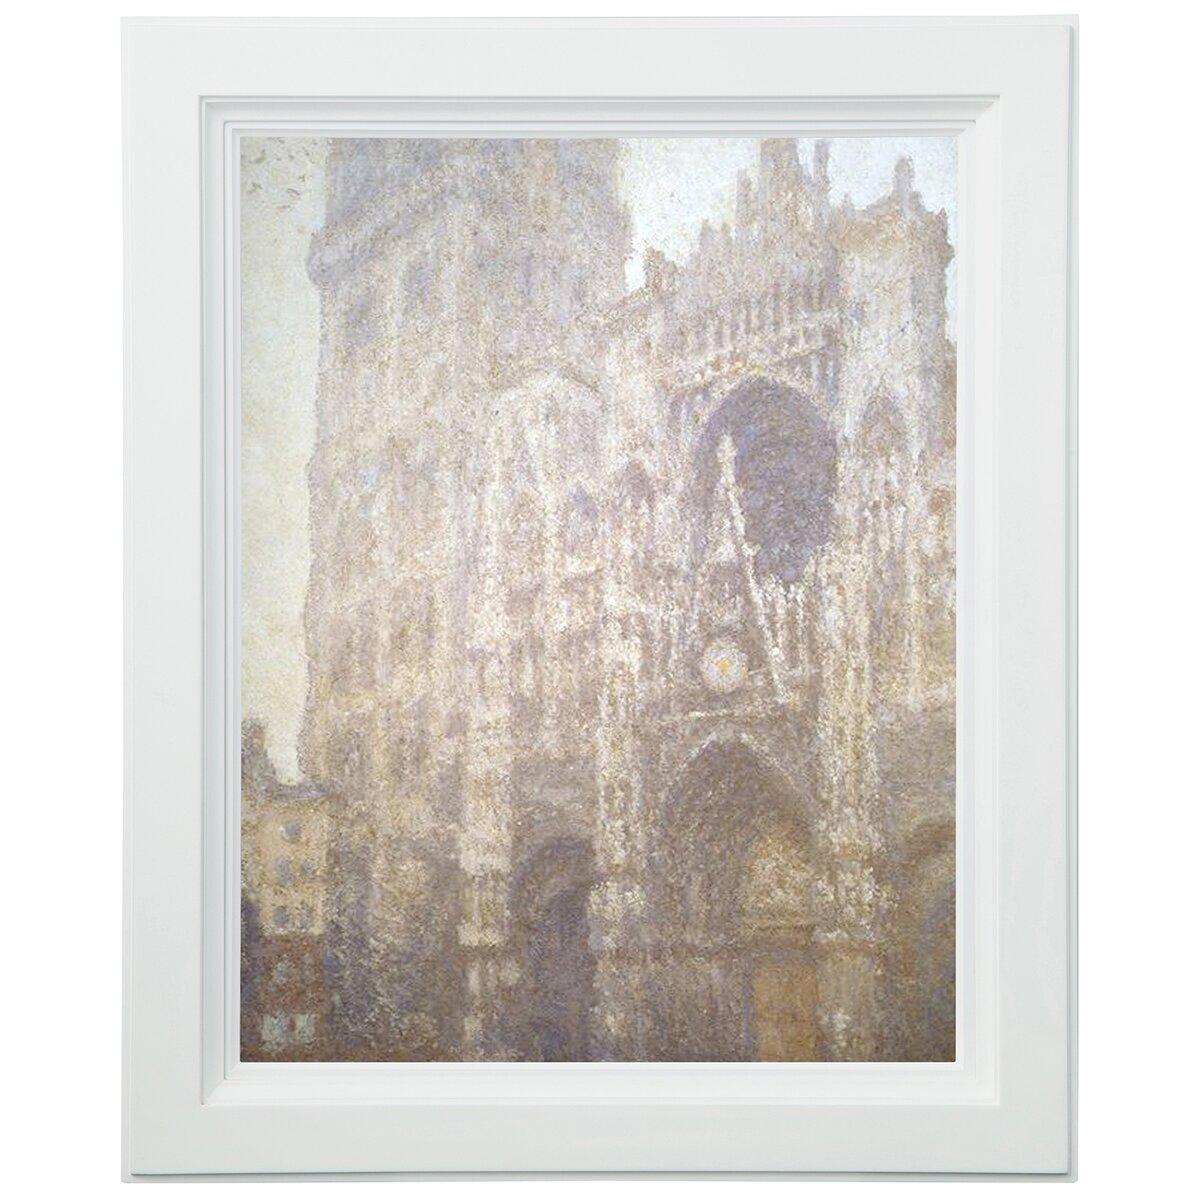 ラーソン・ジュール 油絵用額縁 A260 F8 ホワイト